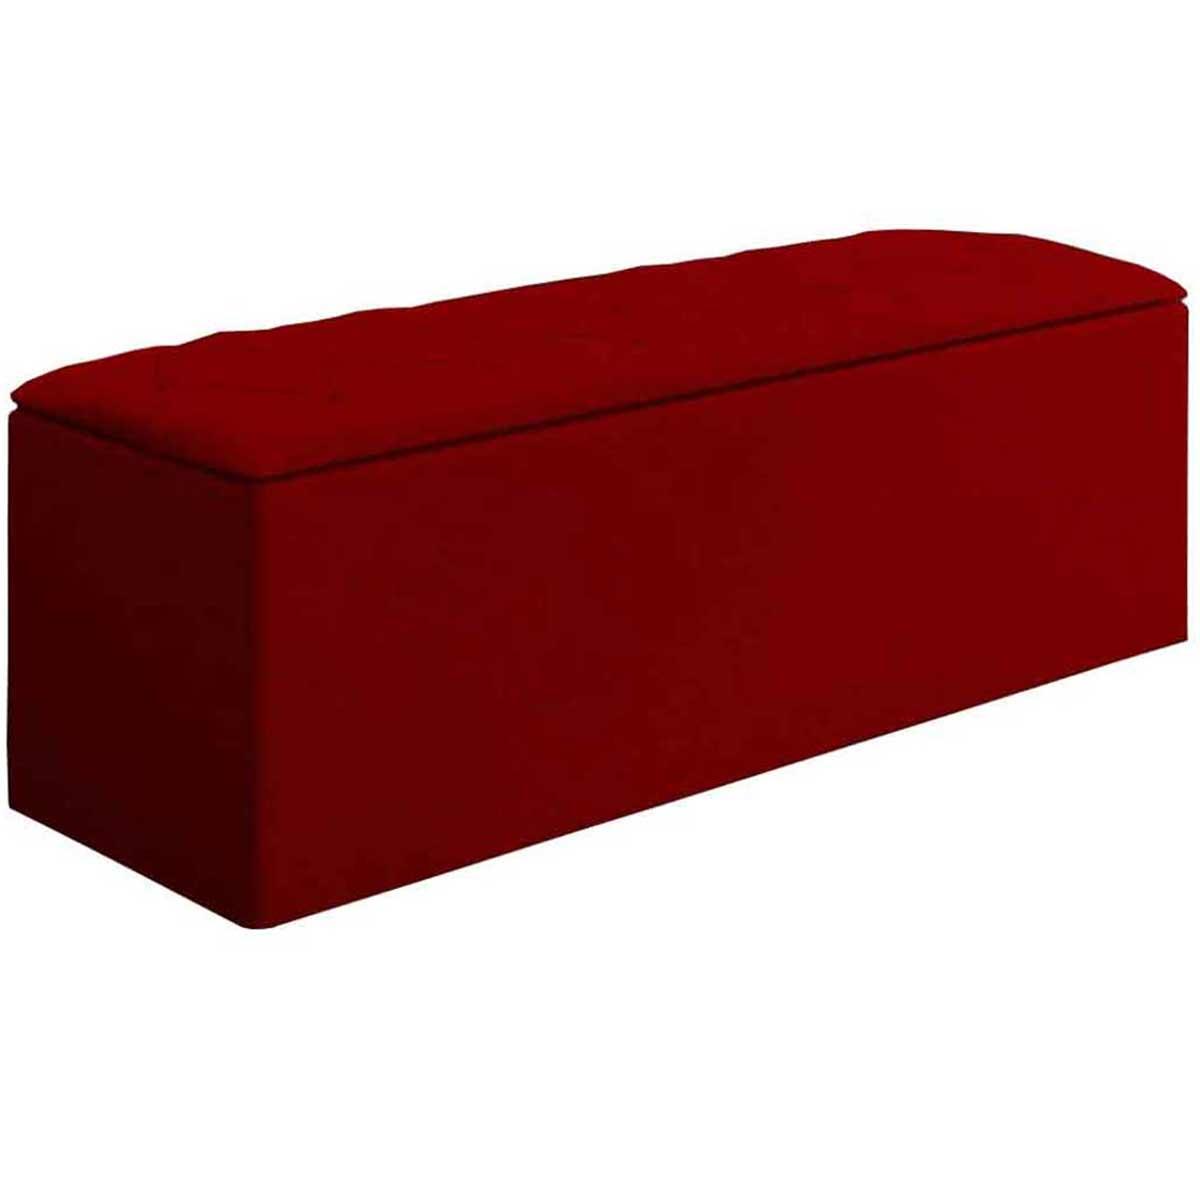 Calçadeira com Baú Paris 90 cm Suede Vermelho JS Móveis